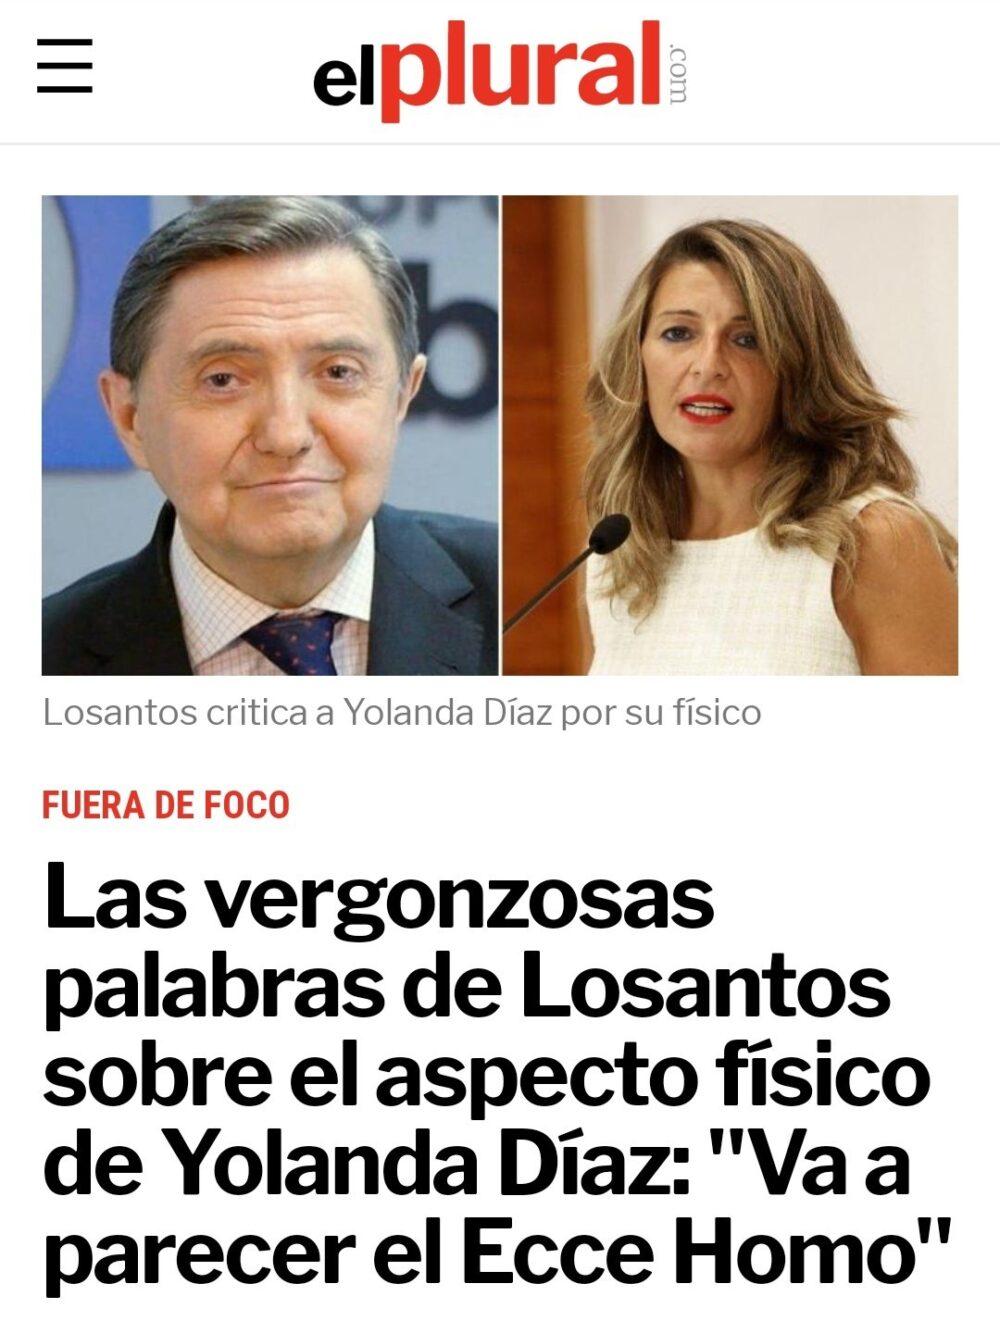 Federico, por favor...